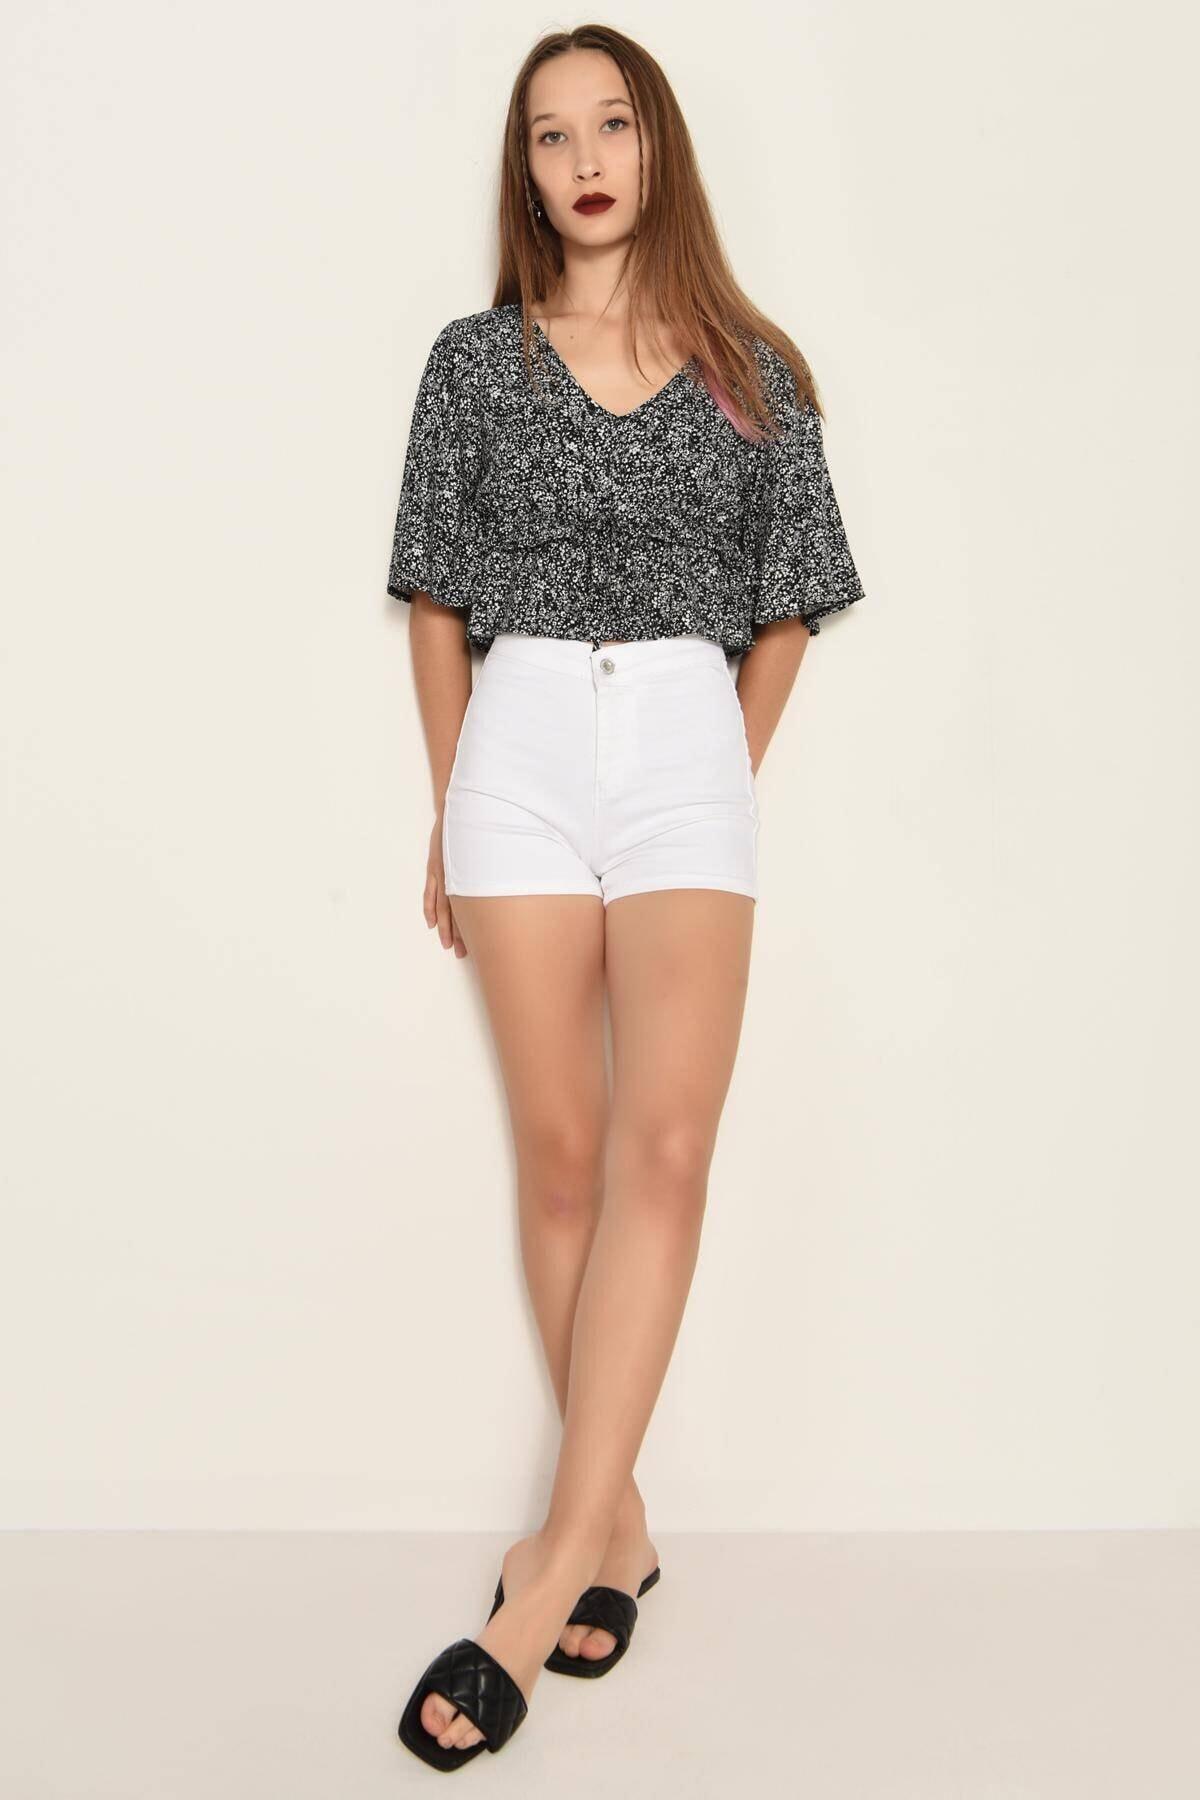 Addax Kadın Siyah-Beyaz Desenli V Yaka Bluz B8037 - F1 ADX-0000022740